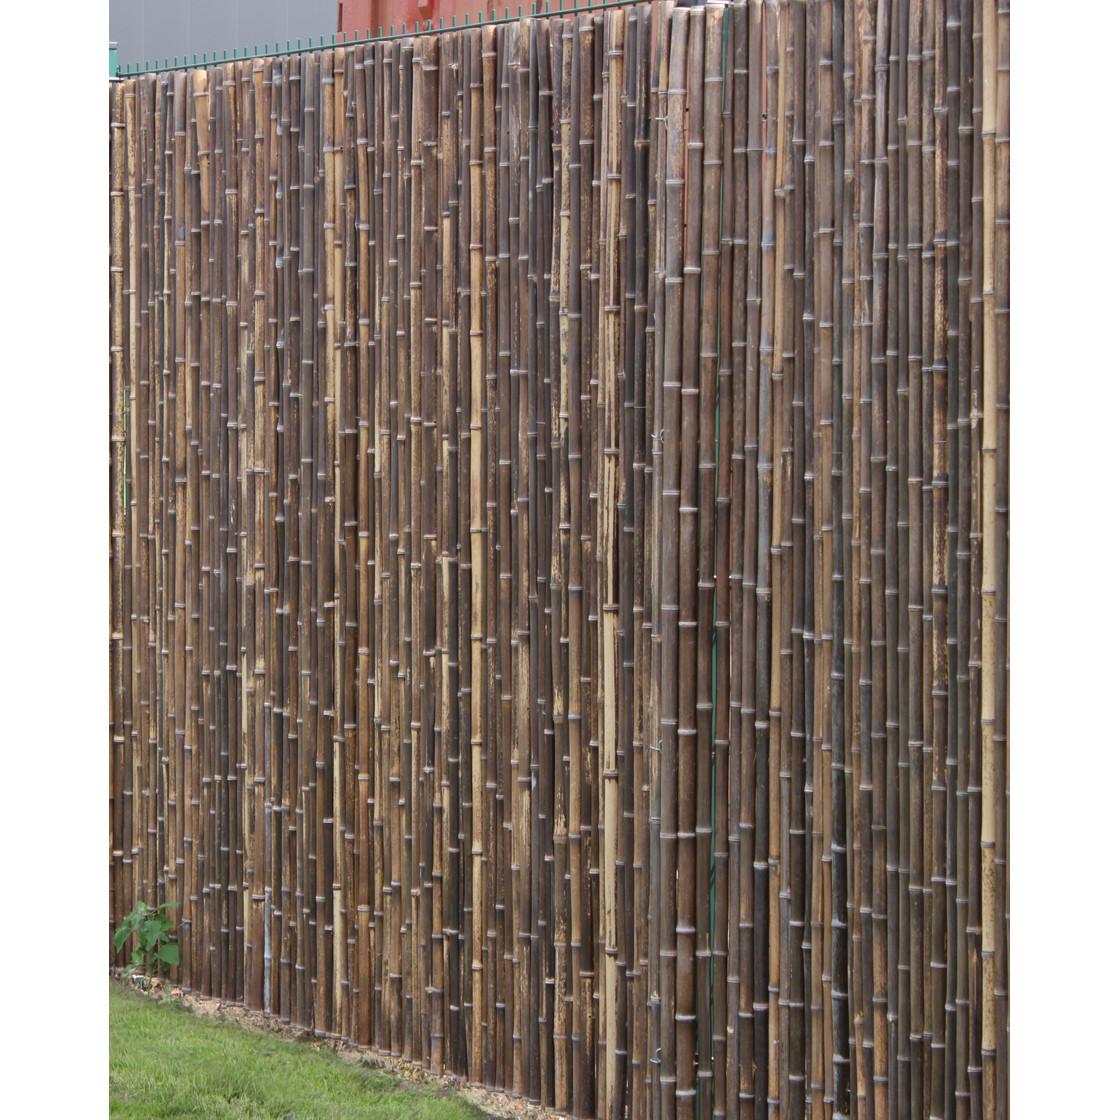 Full Size of Paravent Terrasse Robuster Bambus Holz Sicht Schutz Zaun Aty Nigra Von De Commerce Garten Wohnzimmer Paravent Terrasse